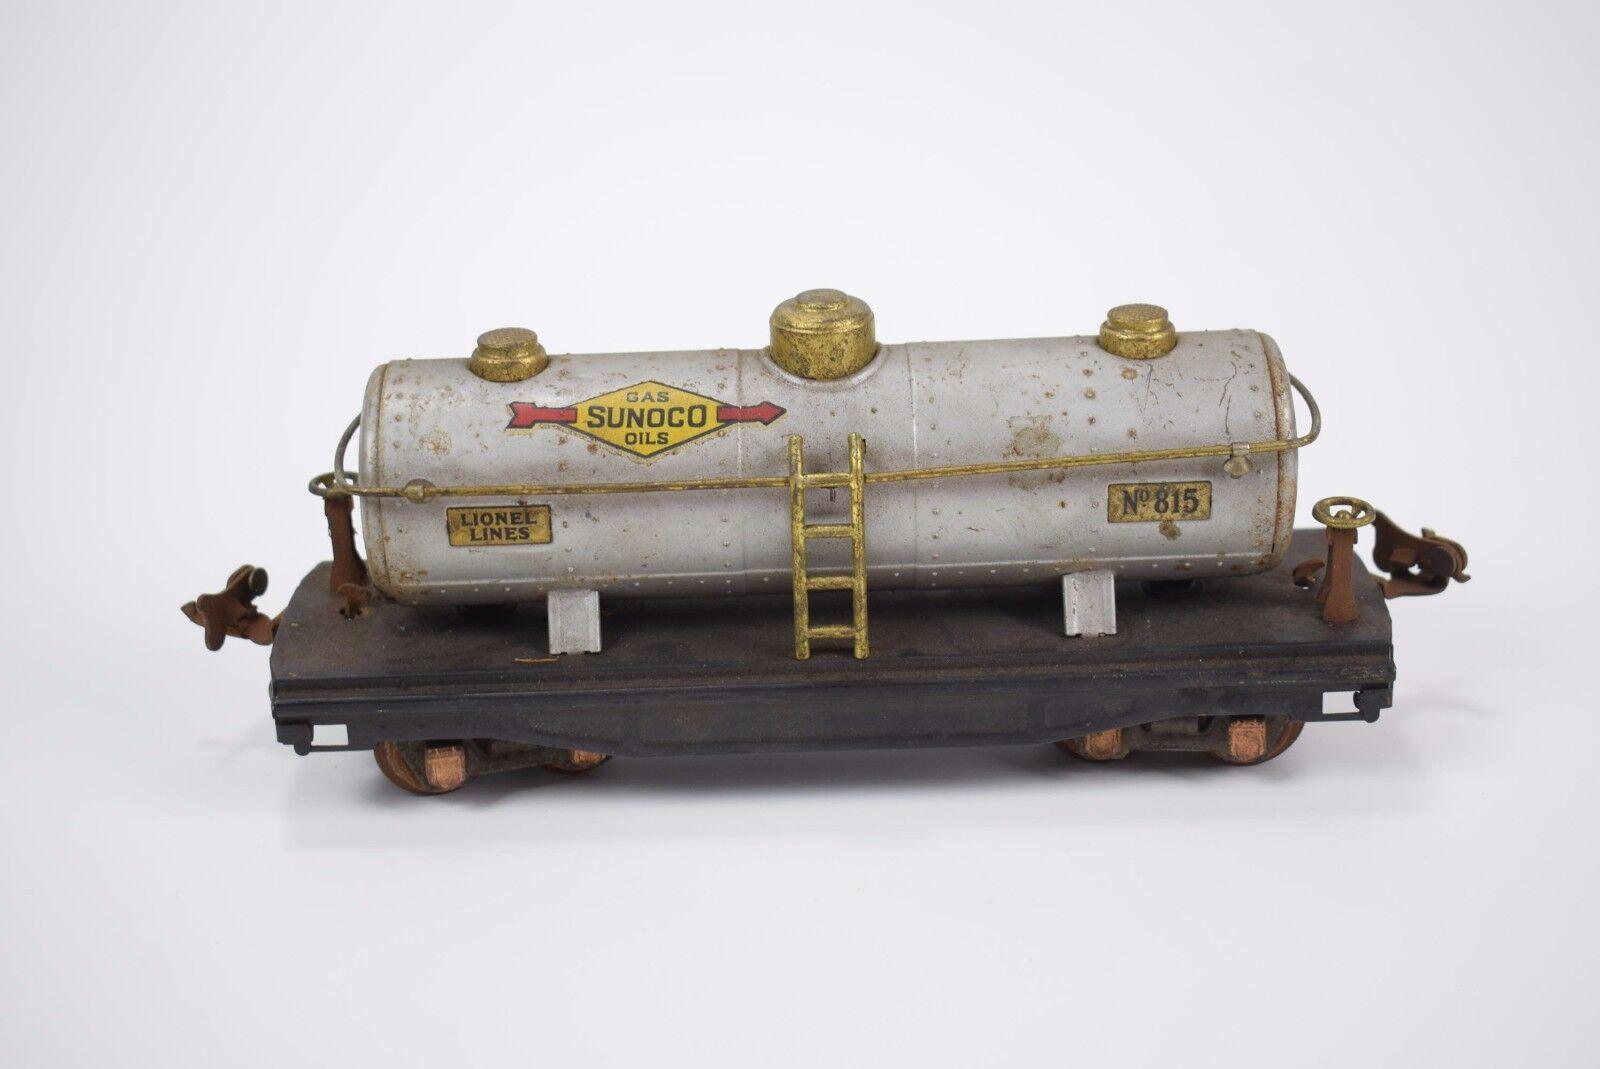 Vintage Lionel No 815 Sunoco Oils tanker car O gauge